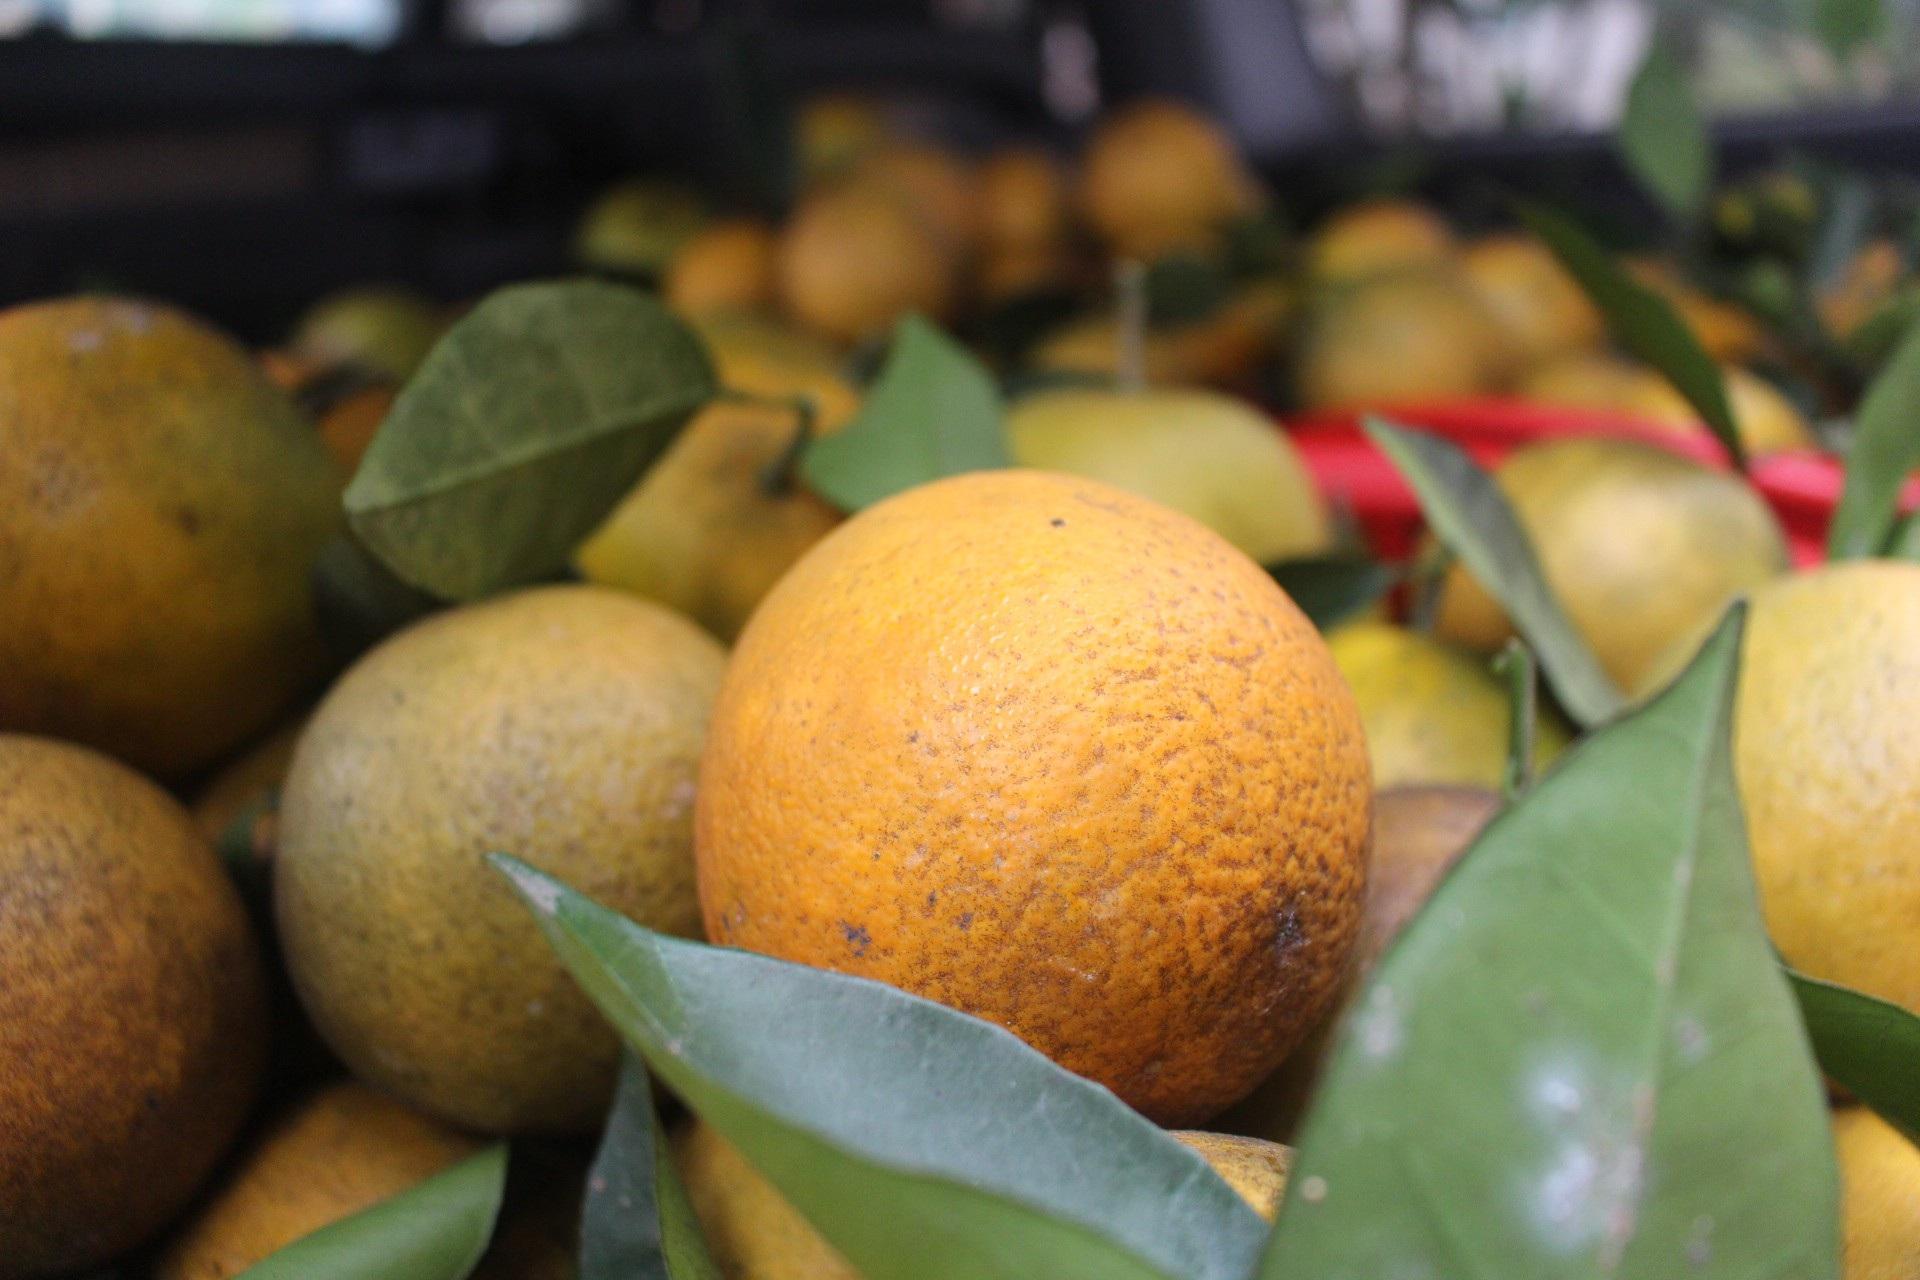 """Mê mẩn nhìn những vườn cam chín mọng chuẩn bị """"bung lụa"""" cho Tết Nguyên Đán - Ảnh 5."""